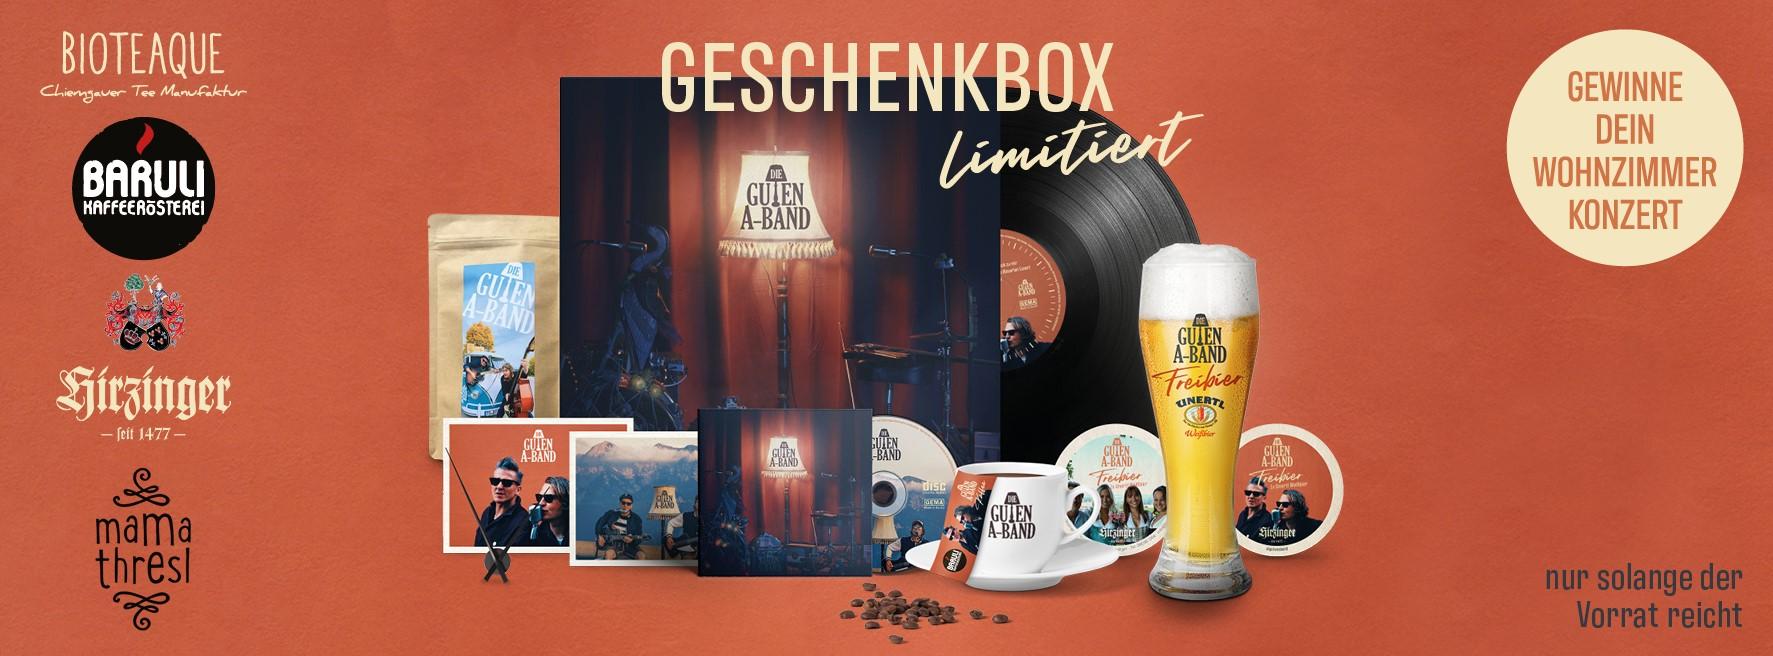 Guten-A-Band Geschenkbox